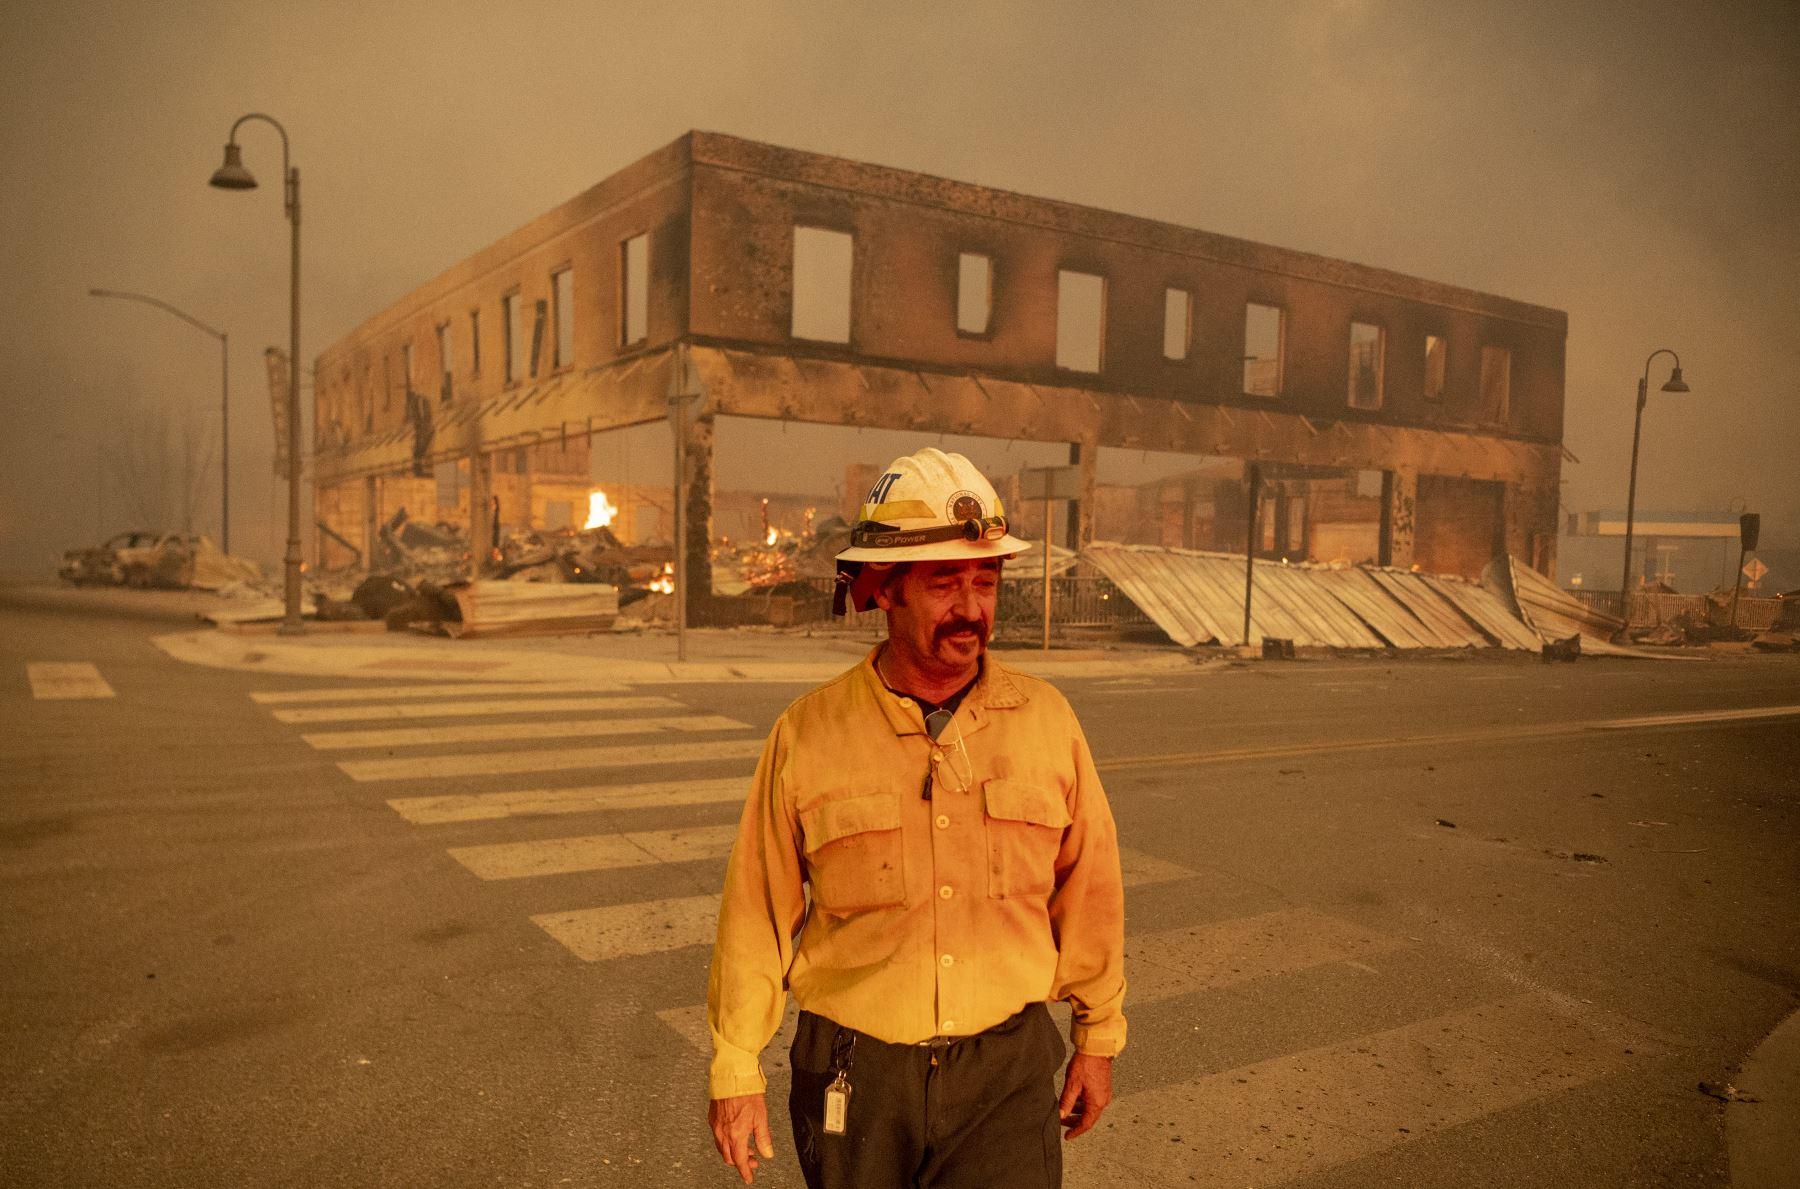 El jefe del batallón Sergio Mora observa mientras el incendio de Dixie arde en el centro de Greenville, California. El incendio de Dixie arrasó decenas de hogares y negocios en el centro de Greenville. Foto: AFP